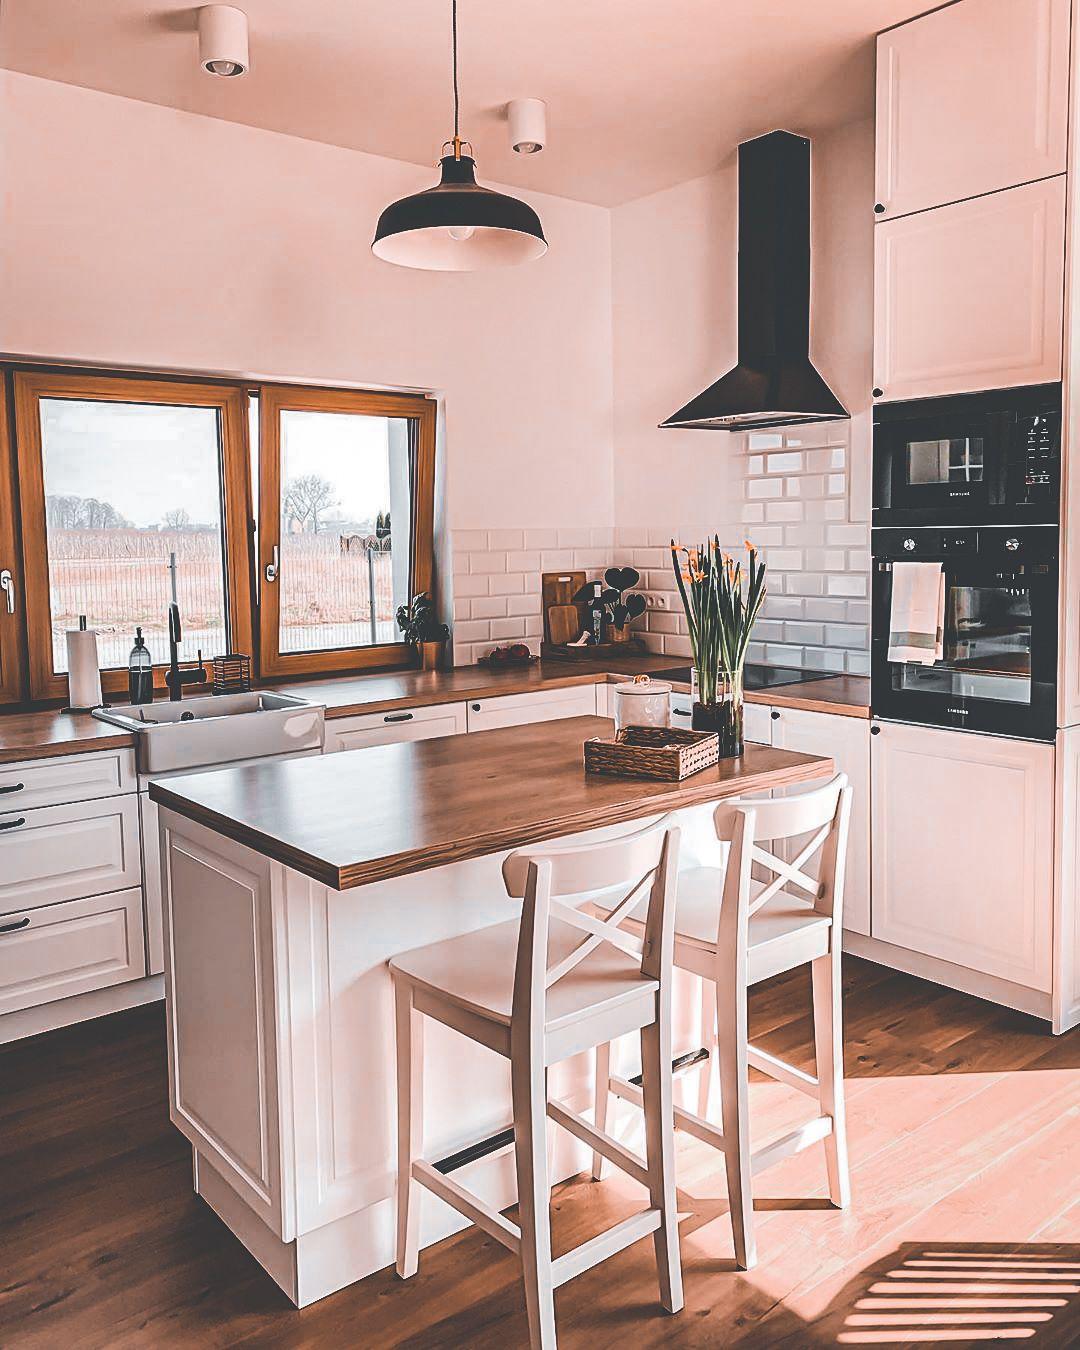 28 Stunning Scandinavian Kitchen Designs 2020 In 2020 Scandinavian Kitchen Design Cottage Kitchen Design Kitchen Design